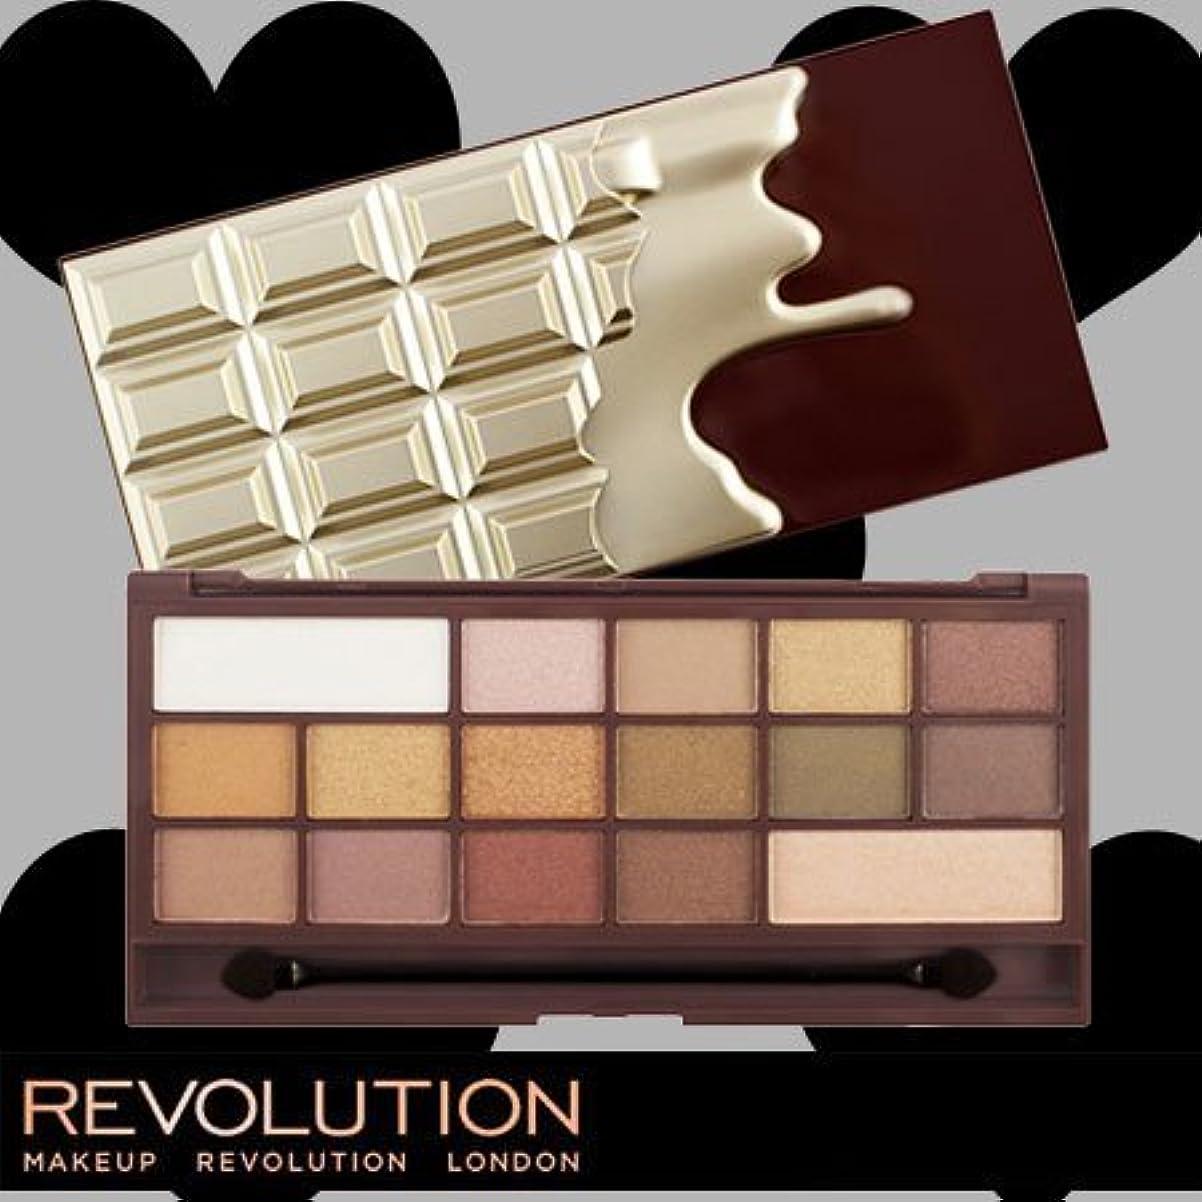 嘆く聖書デンプシーメイクアップレボリューション アイラブメイクアップ アイラブチョコレート #ゴールデンバー 16色アイシャドウパレット -MAKEUP REVOLUTION-